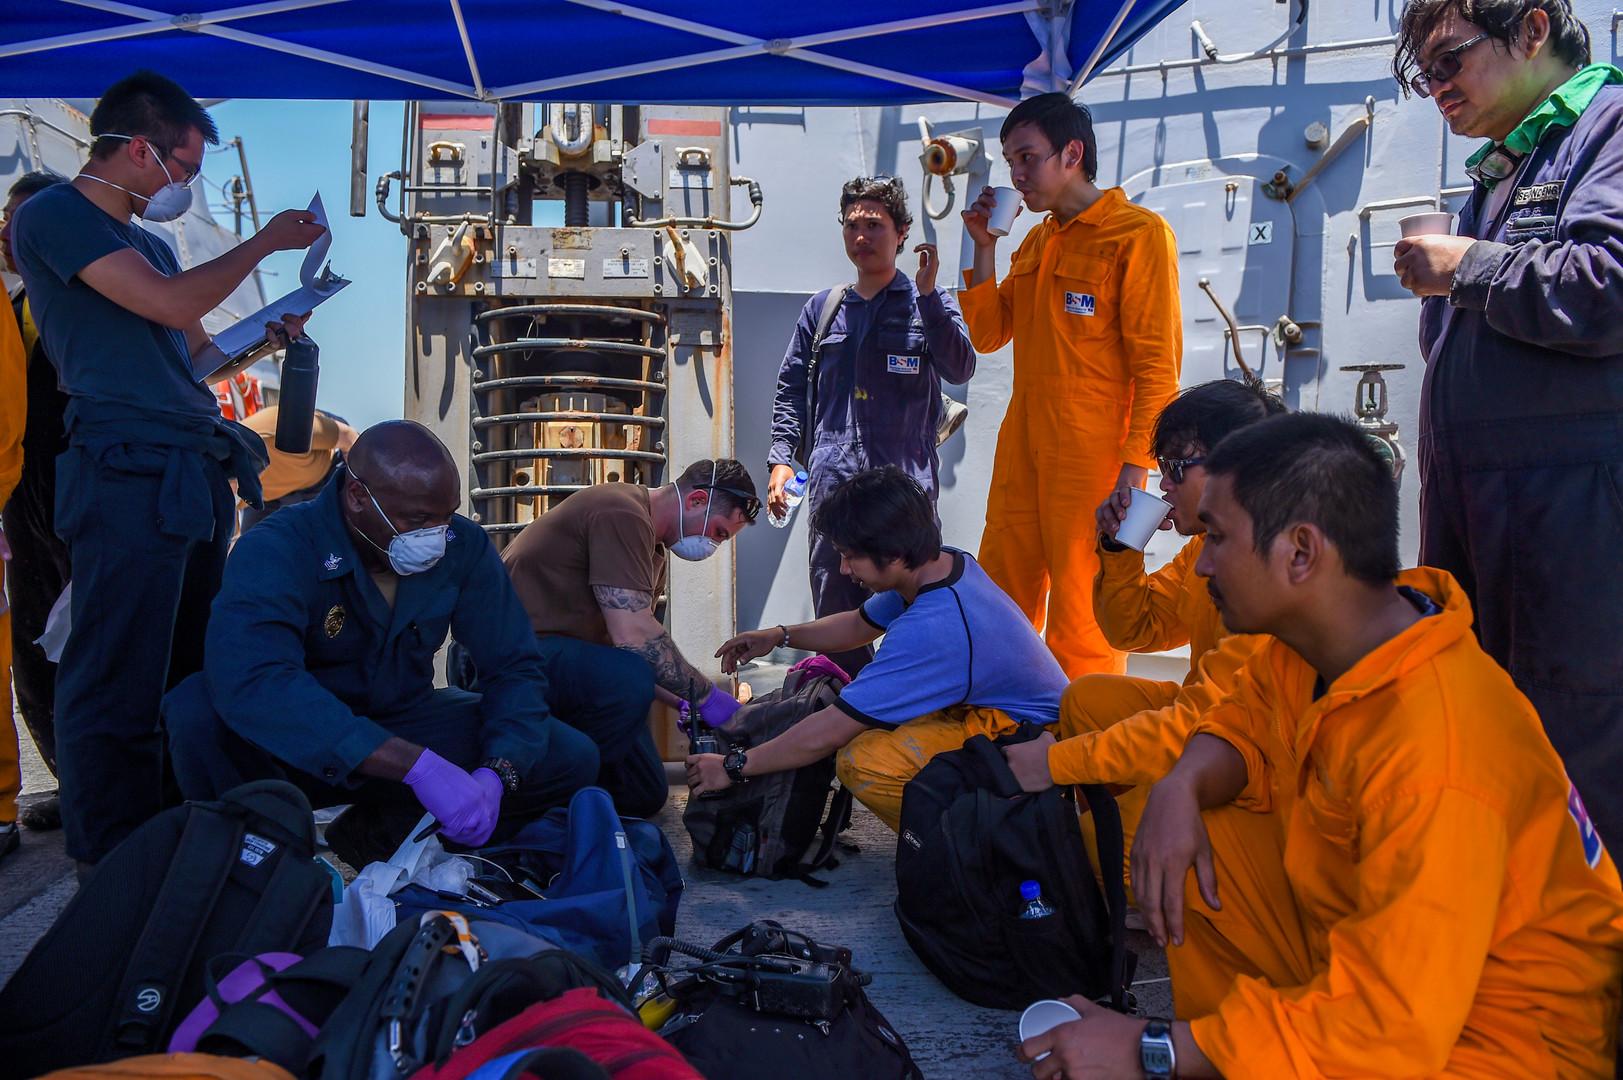 الأسطول الخامس الأمريكي: طاقم إحدى الناقلتين المتضررتين في خليج عمان يعود إليها